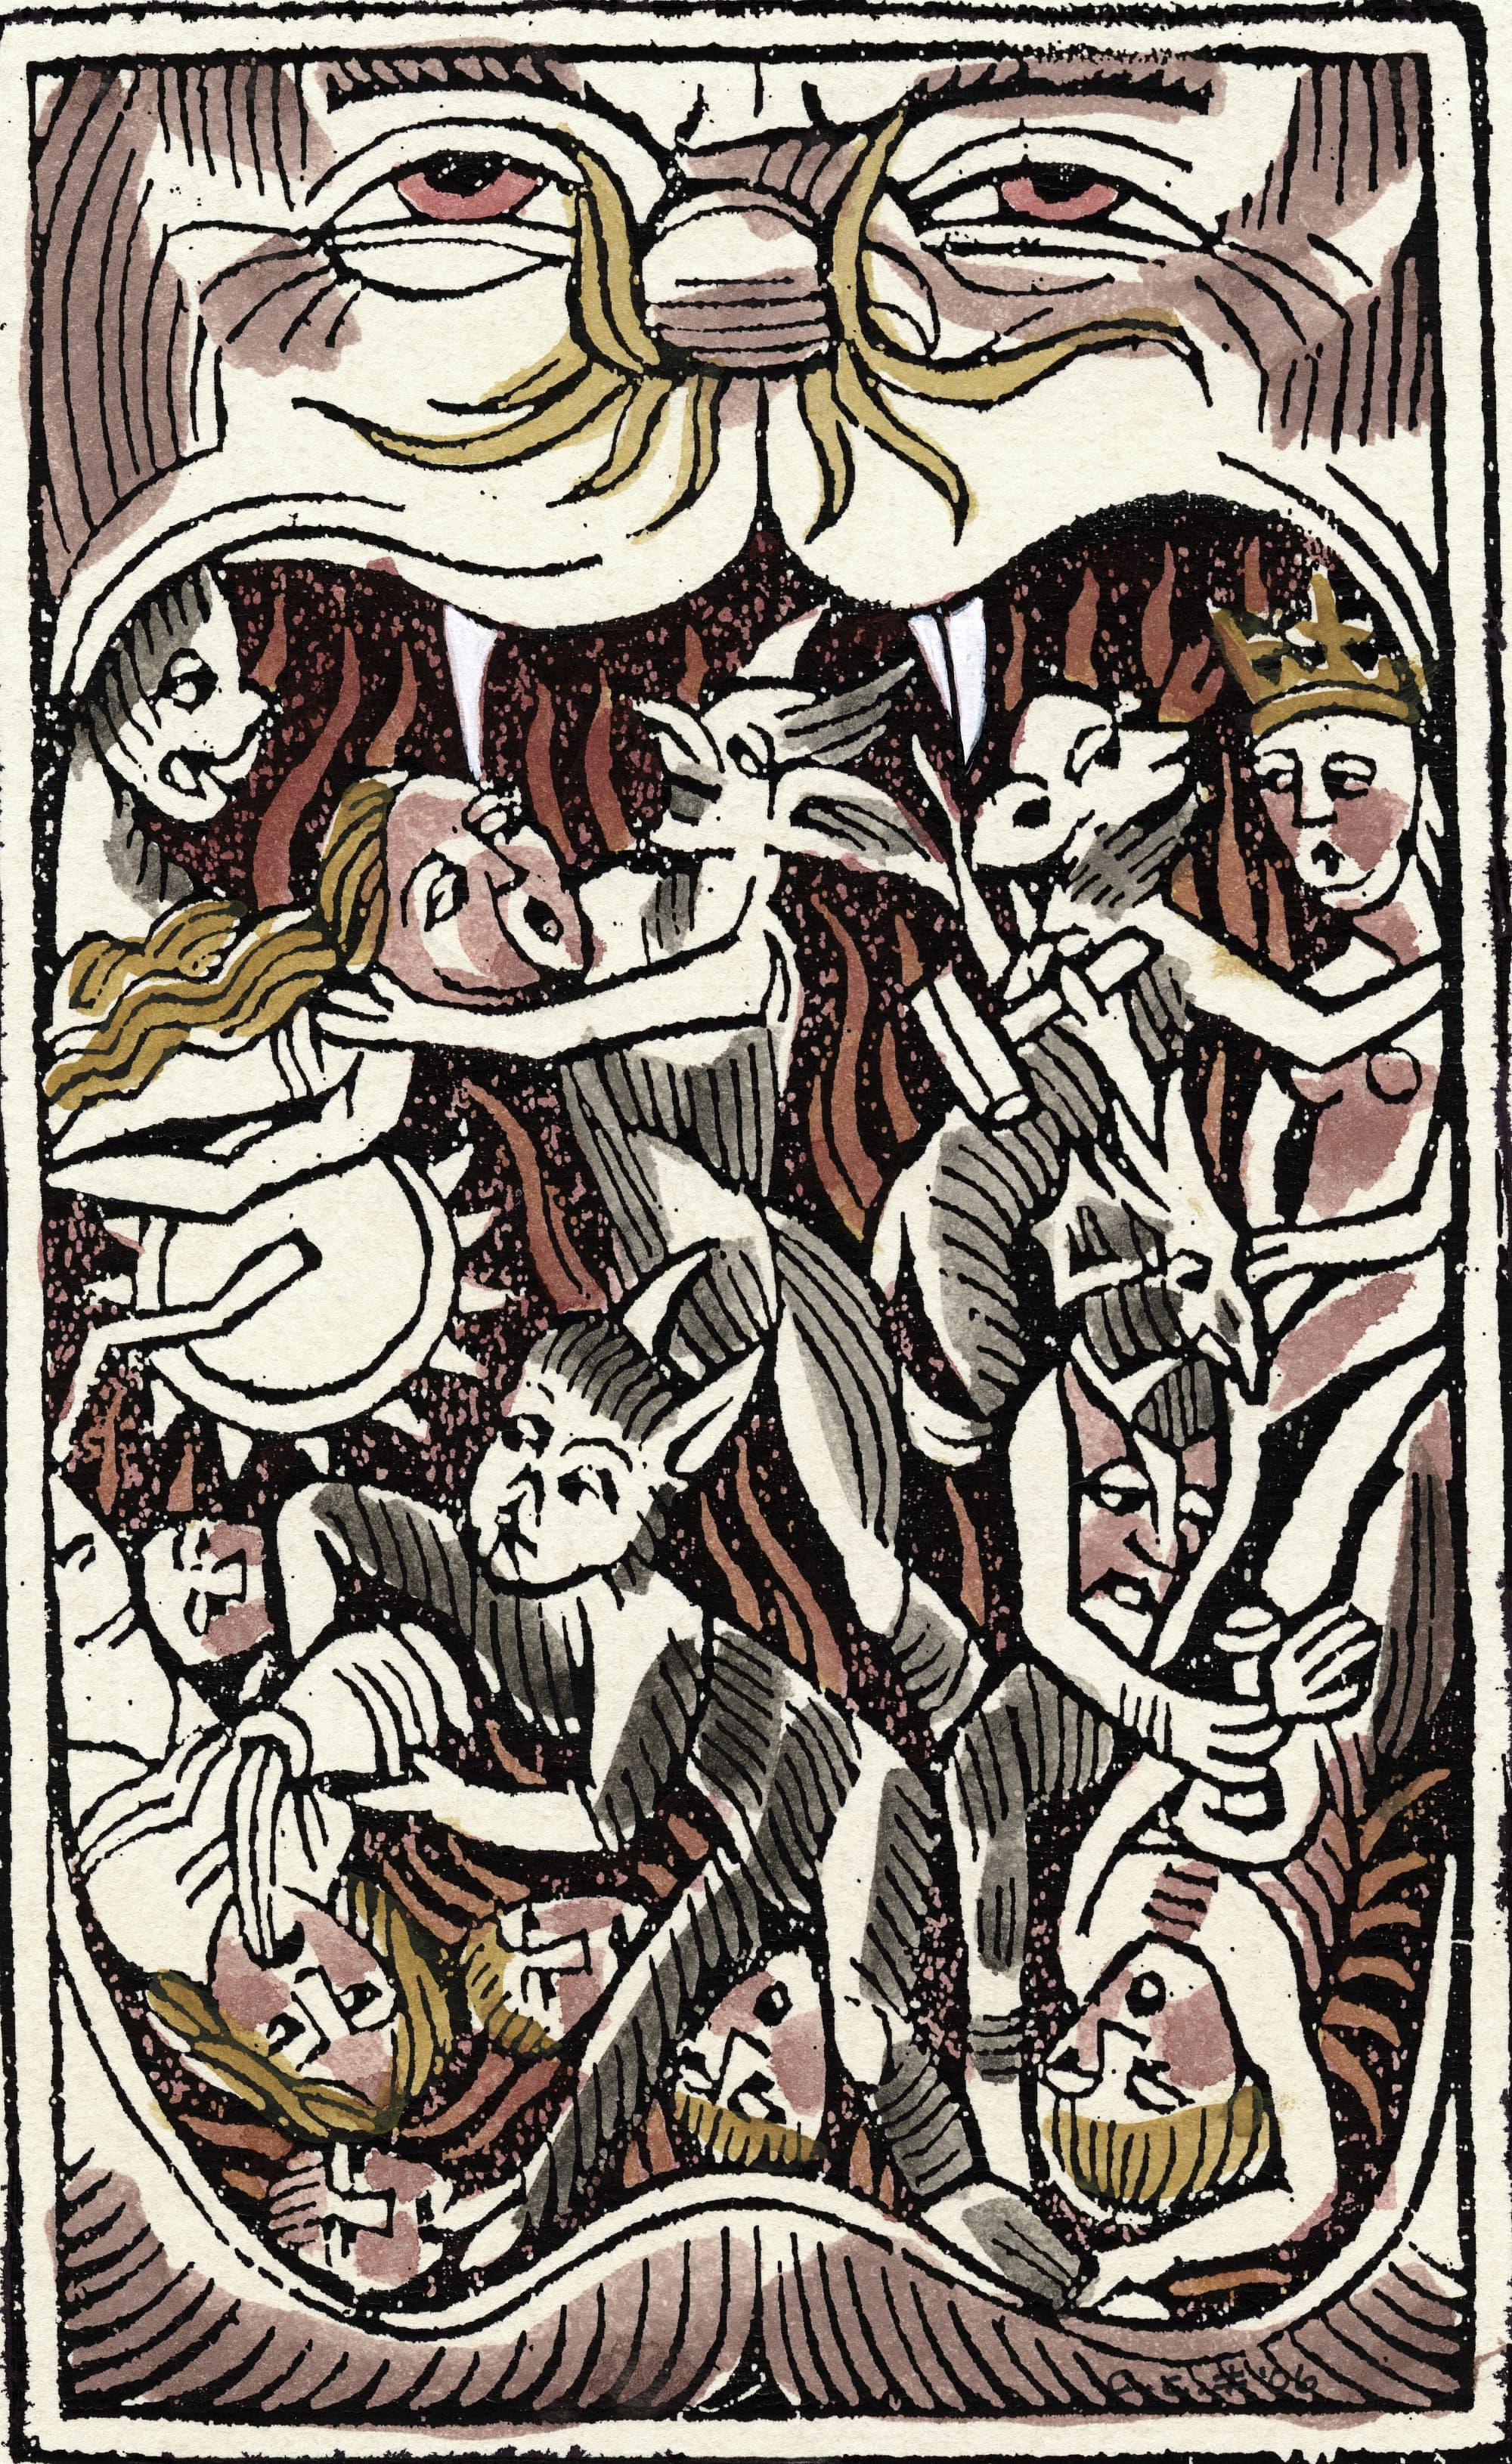 """Sự trừng phạt dưới Địa ngục theo hình dung của cuốn sách """"Cây búa phù thủy"""" của Heinrich Kramer. Trong trước tác độc địa của mình, vị tu sĩ này đã thổi phồng niềm tin và nỗi sợ hãi về giáo phái phù thủy. Bất cứ ai dám chống lại quan điểm của ông ta khi đó đều có thể bị dán mác dị giáo. Nguồn: Spektrum."""